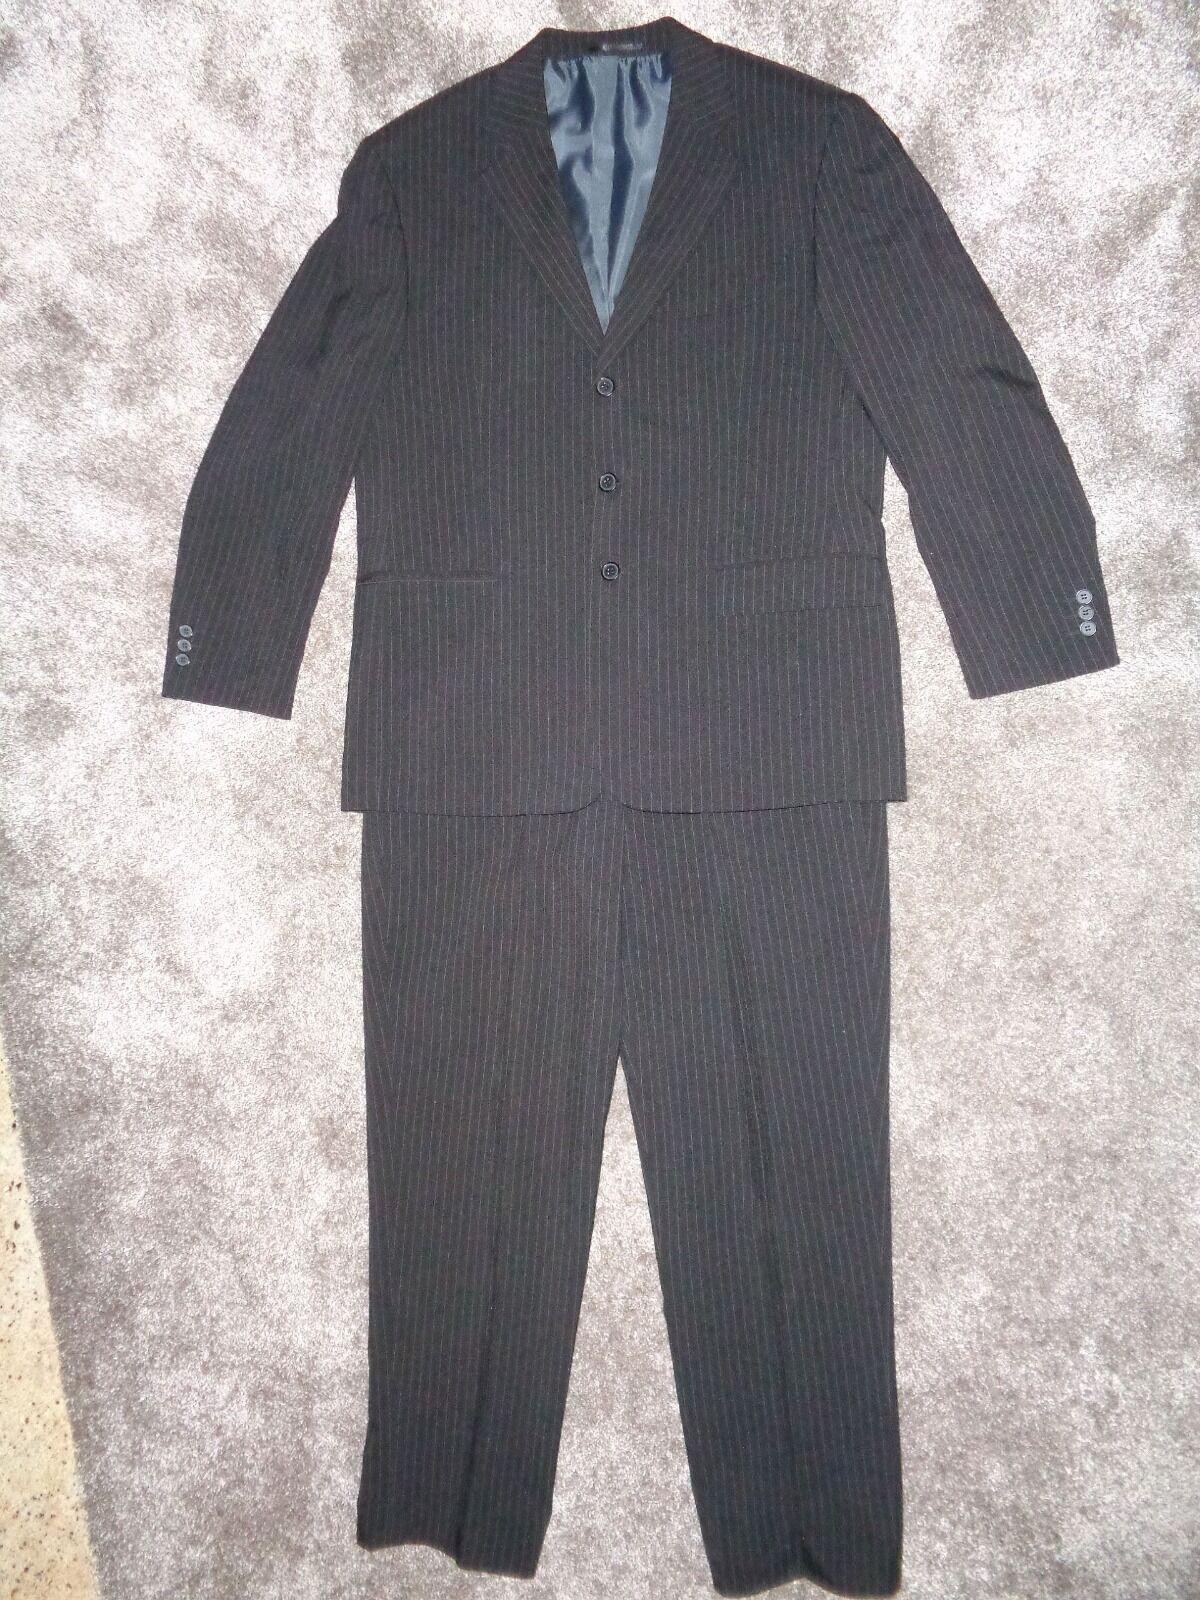 Canda C&A Herren Nadelstreifenanzug streifen Anzug 3 teilig Gr. 26 schwarz